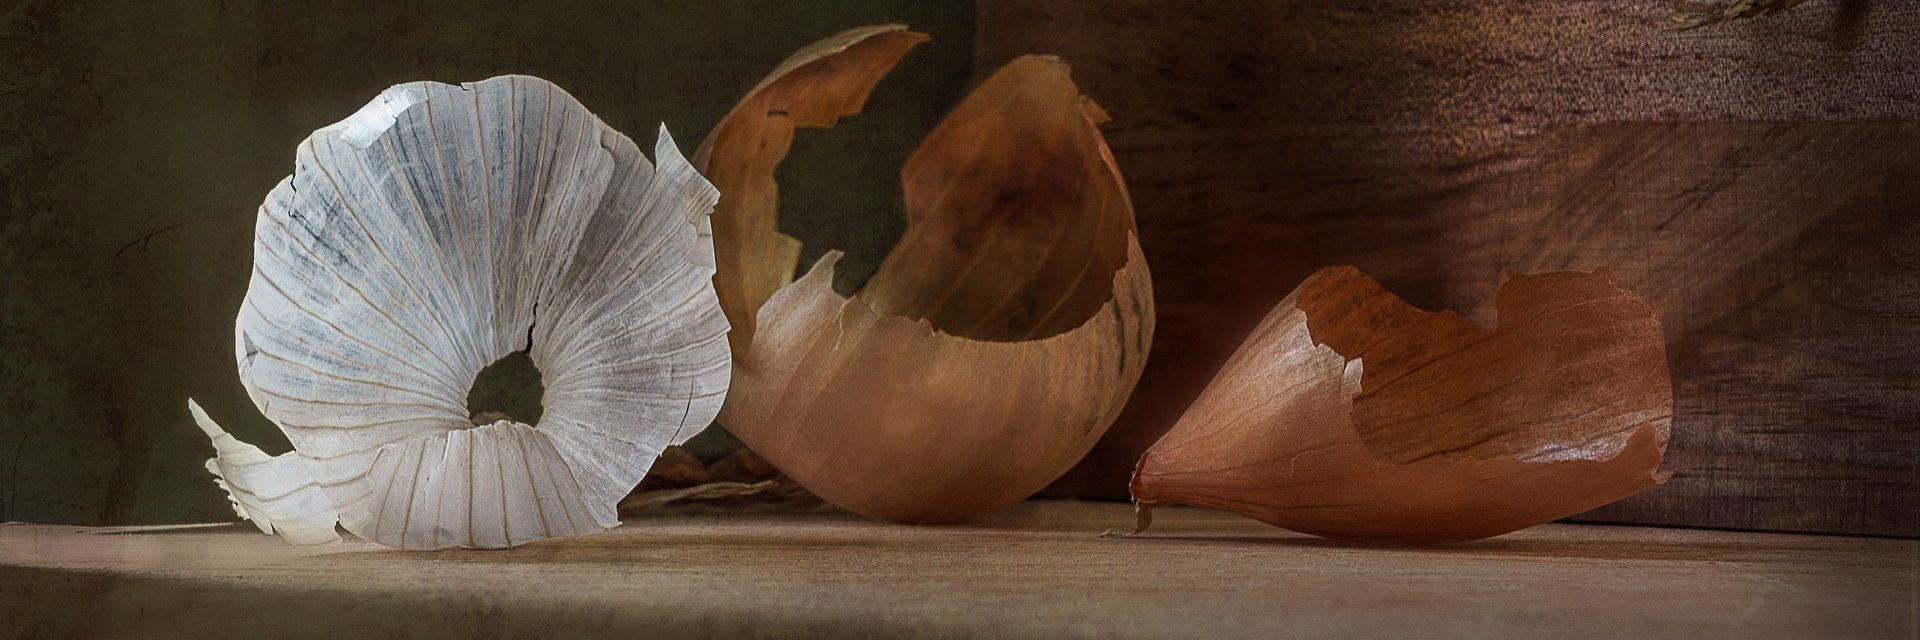 Living garlic-free